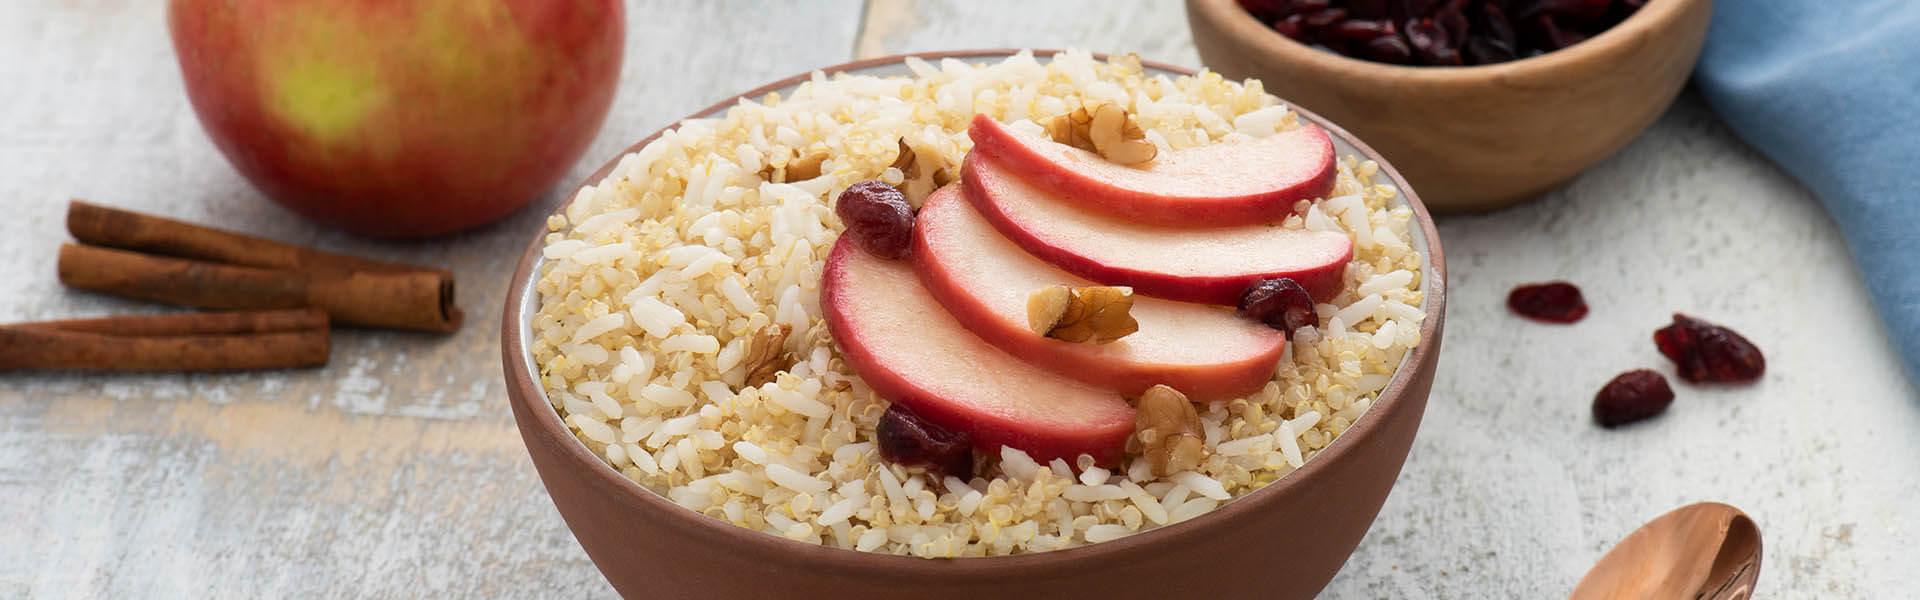 Desayuno con arroz, quinoa, manzana y canela